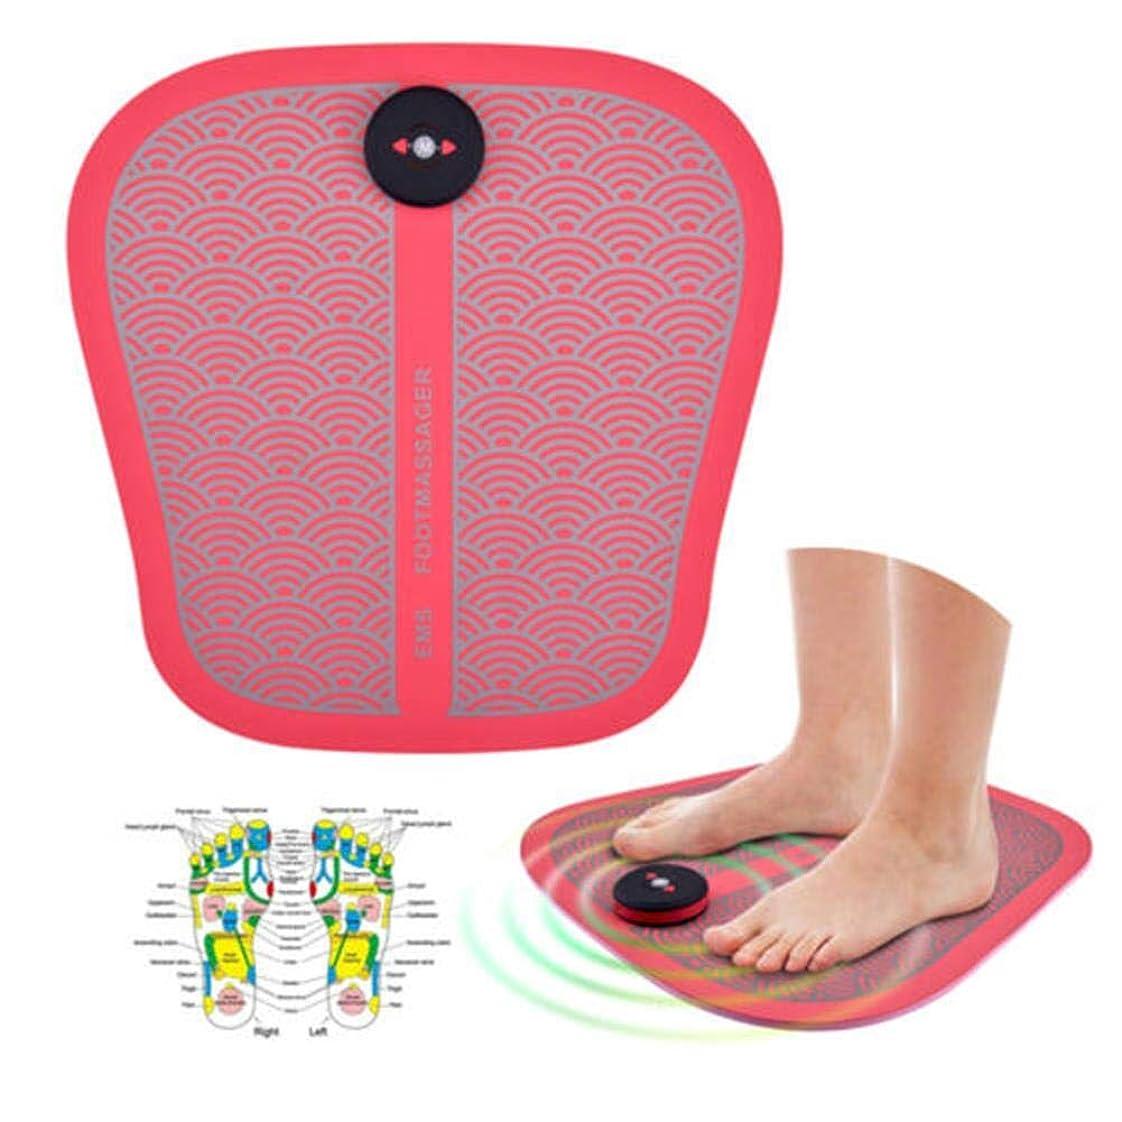 マイナス刈る葉Cckrmフットマッサージディープティッシュニーディング、リモートコントロールフィートマッサージャー、切り替え可能な熱、指圧フットマッサージマシンは、ホームオフィスの足の痛みを和らげます